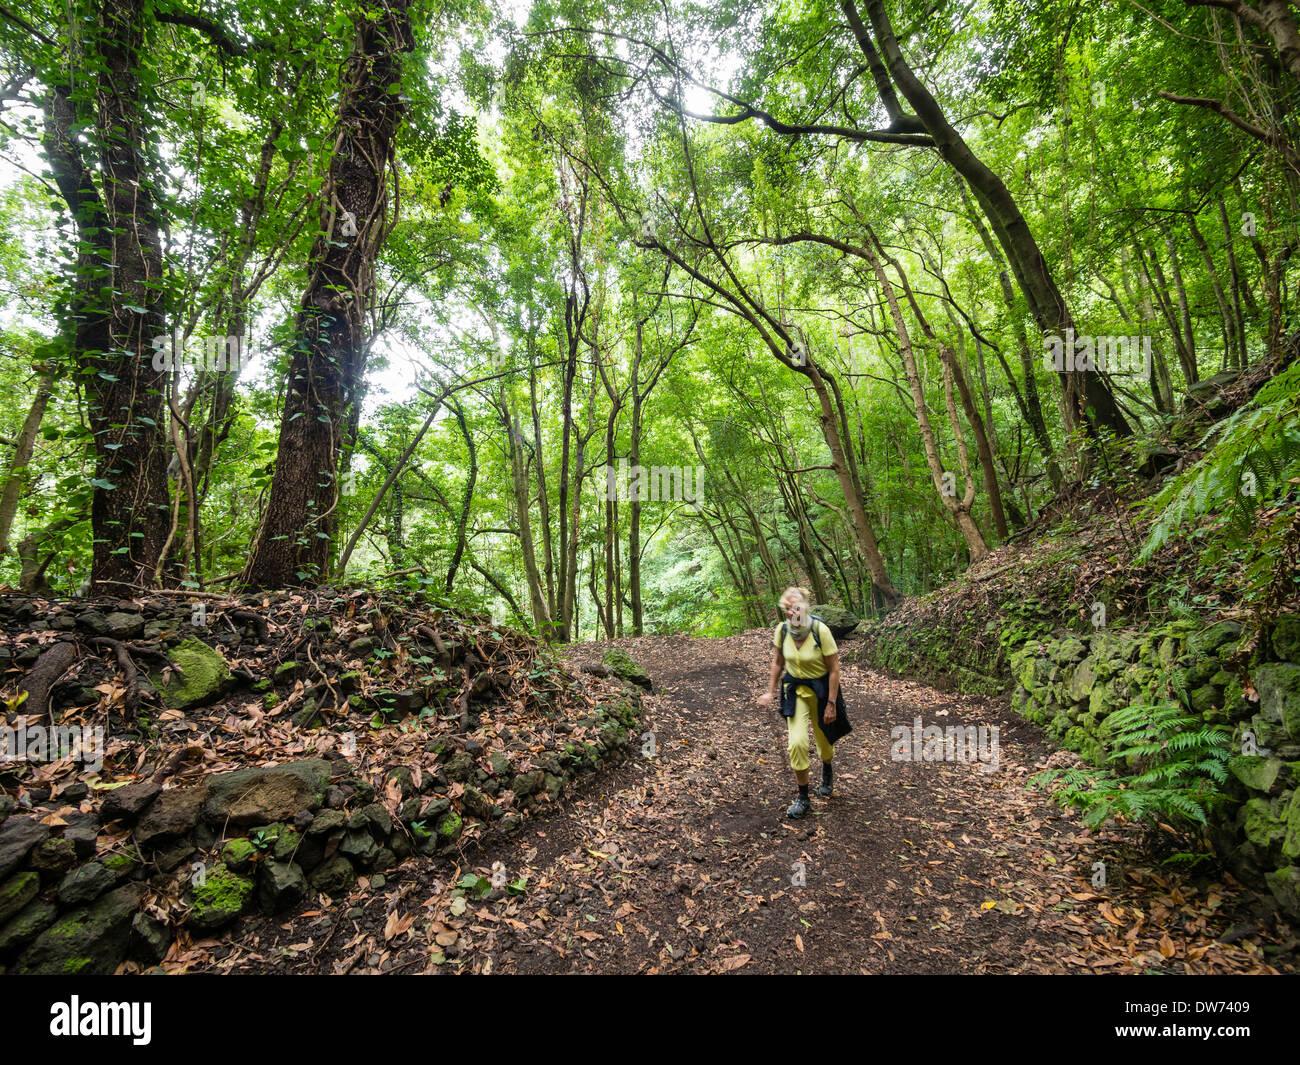 Ein weiblicher Touristen Wanderungen auf einen Wanderweg in den Laurel Wald Los Tiles / Los Tilos auf der Kanareninsel La Palma Stockbild